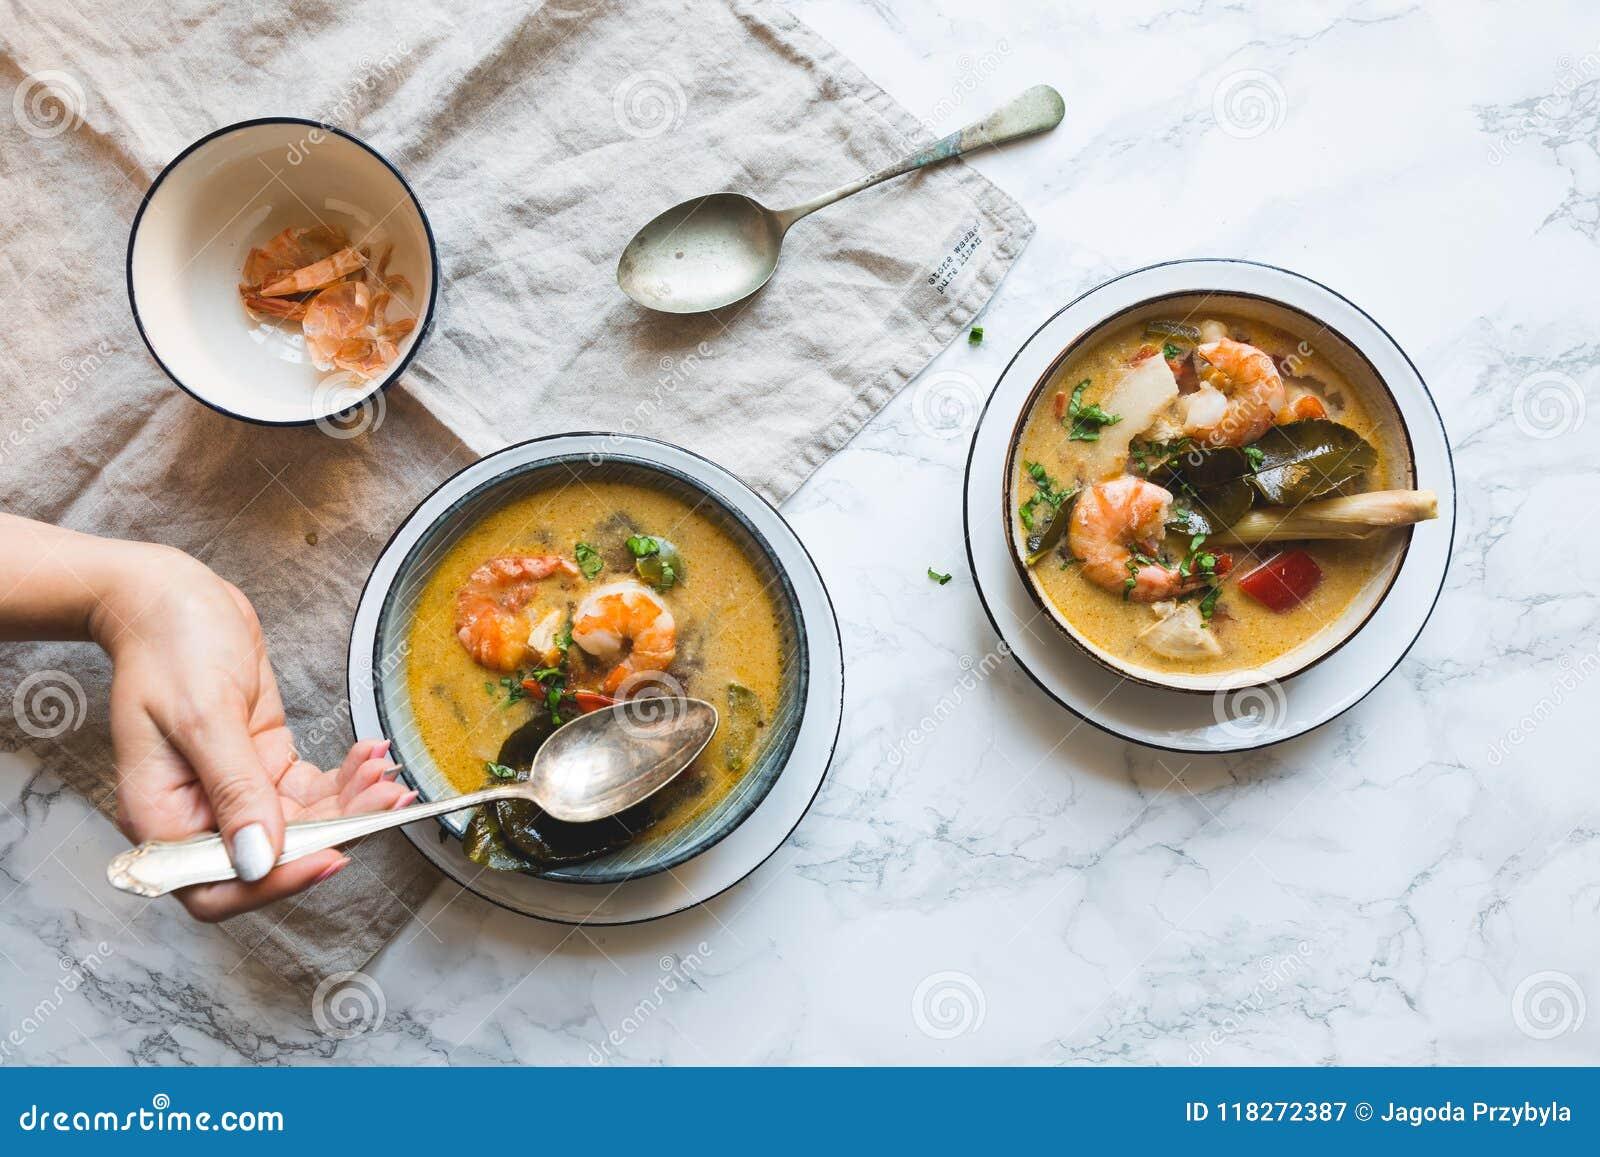 De Thaise Tom Yum Goong-soep met garnalen, garnalen en kaffir bladeren diende op een witte marmeren textuur